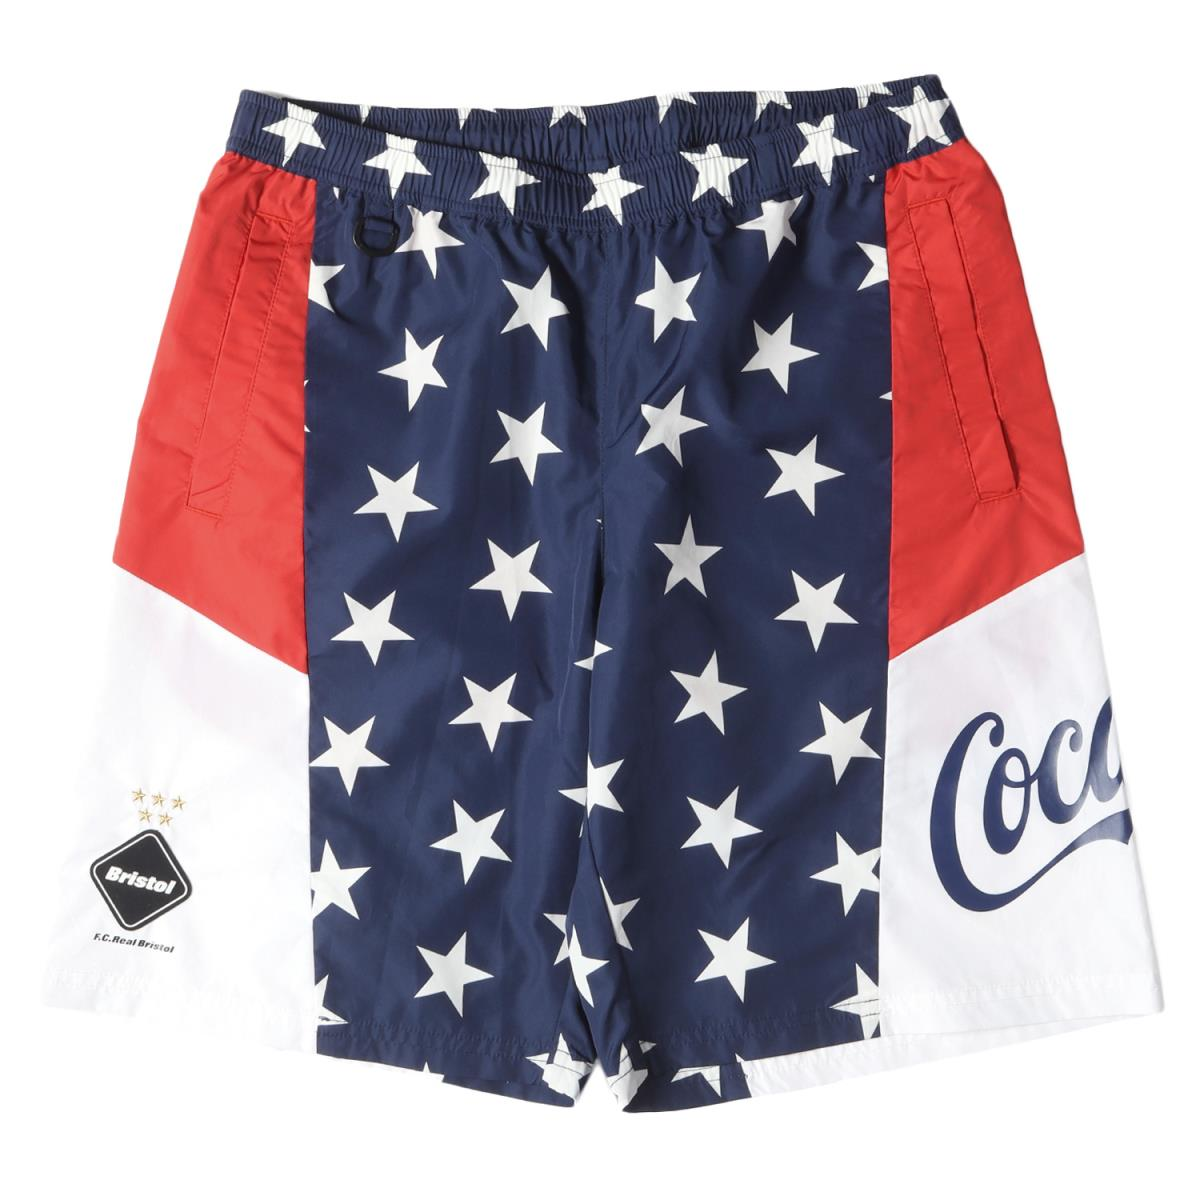 メンズファッション, ズボン・パンツ FCRB Coca-Cola MULTI PATTERN SHORTS 20SS M K3076